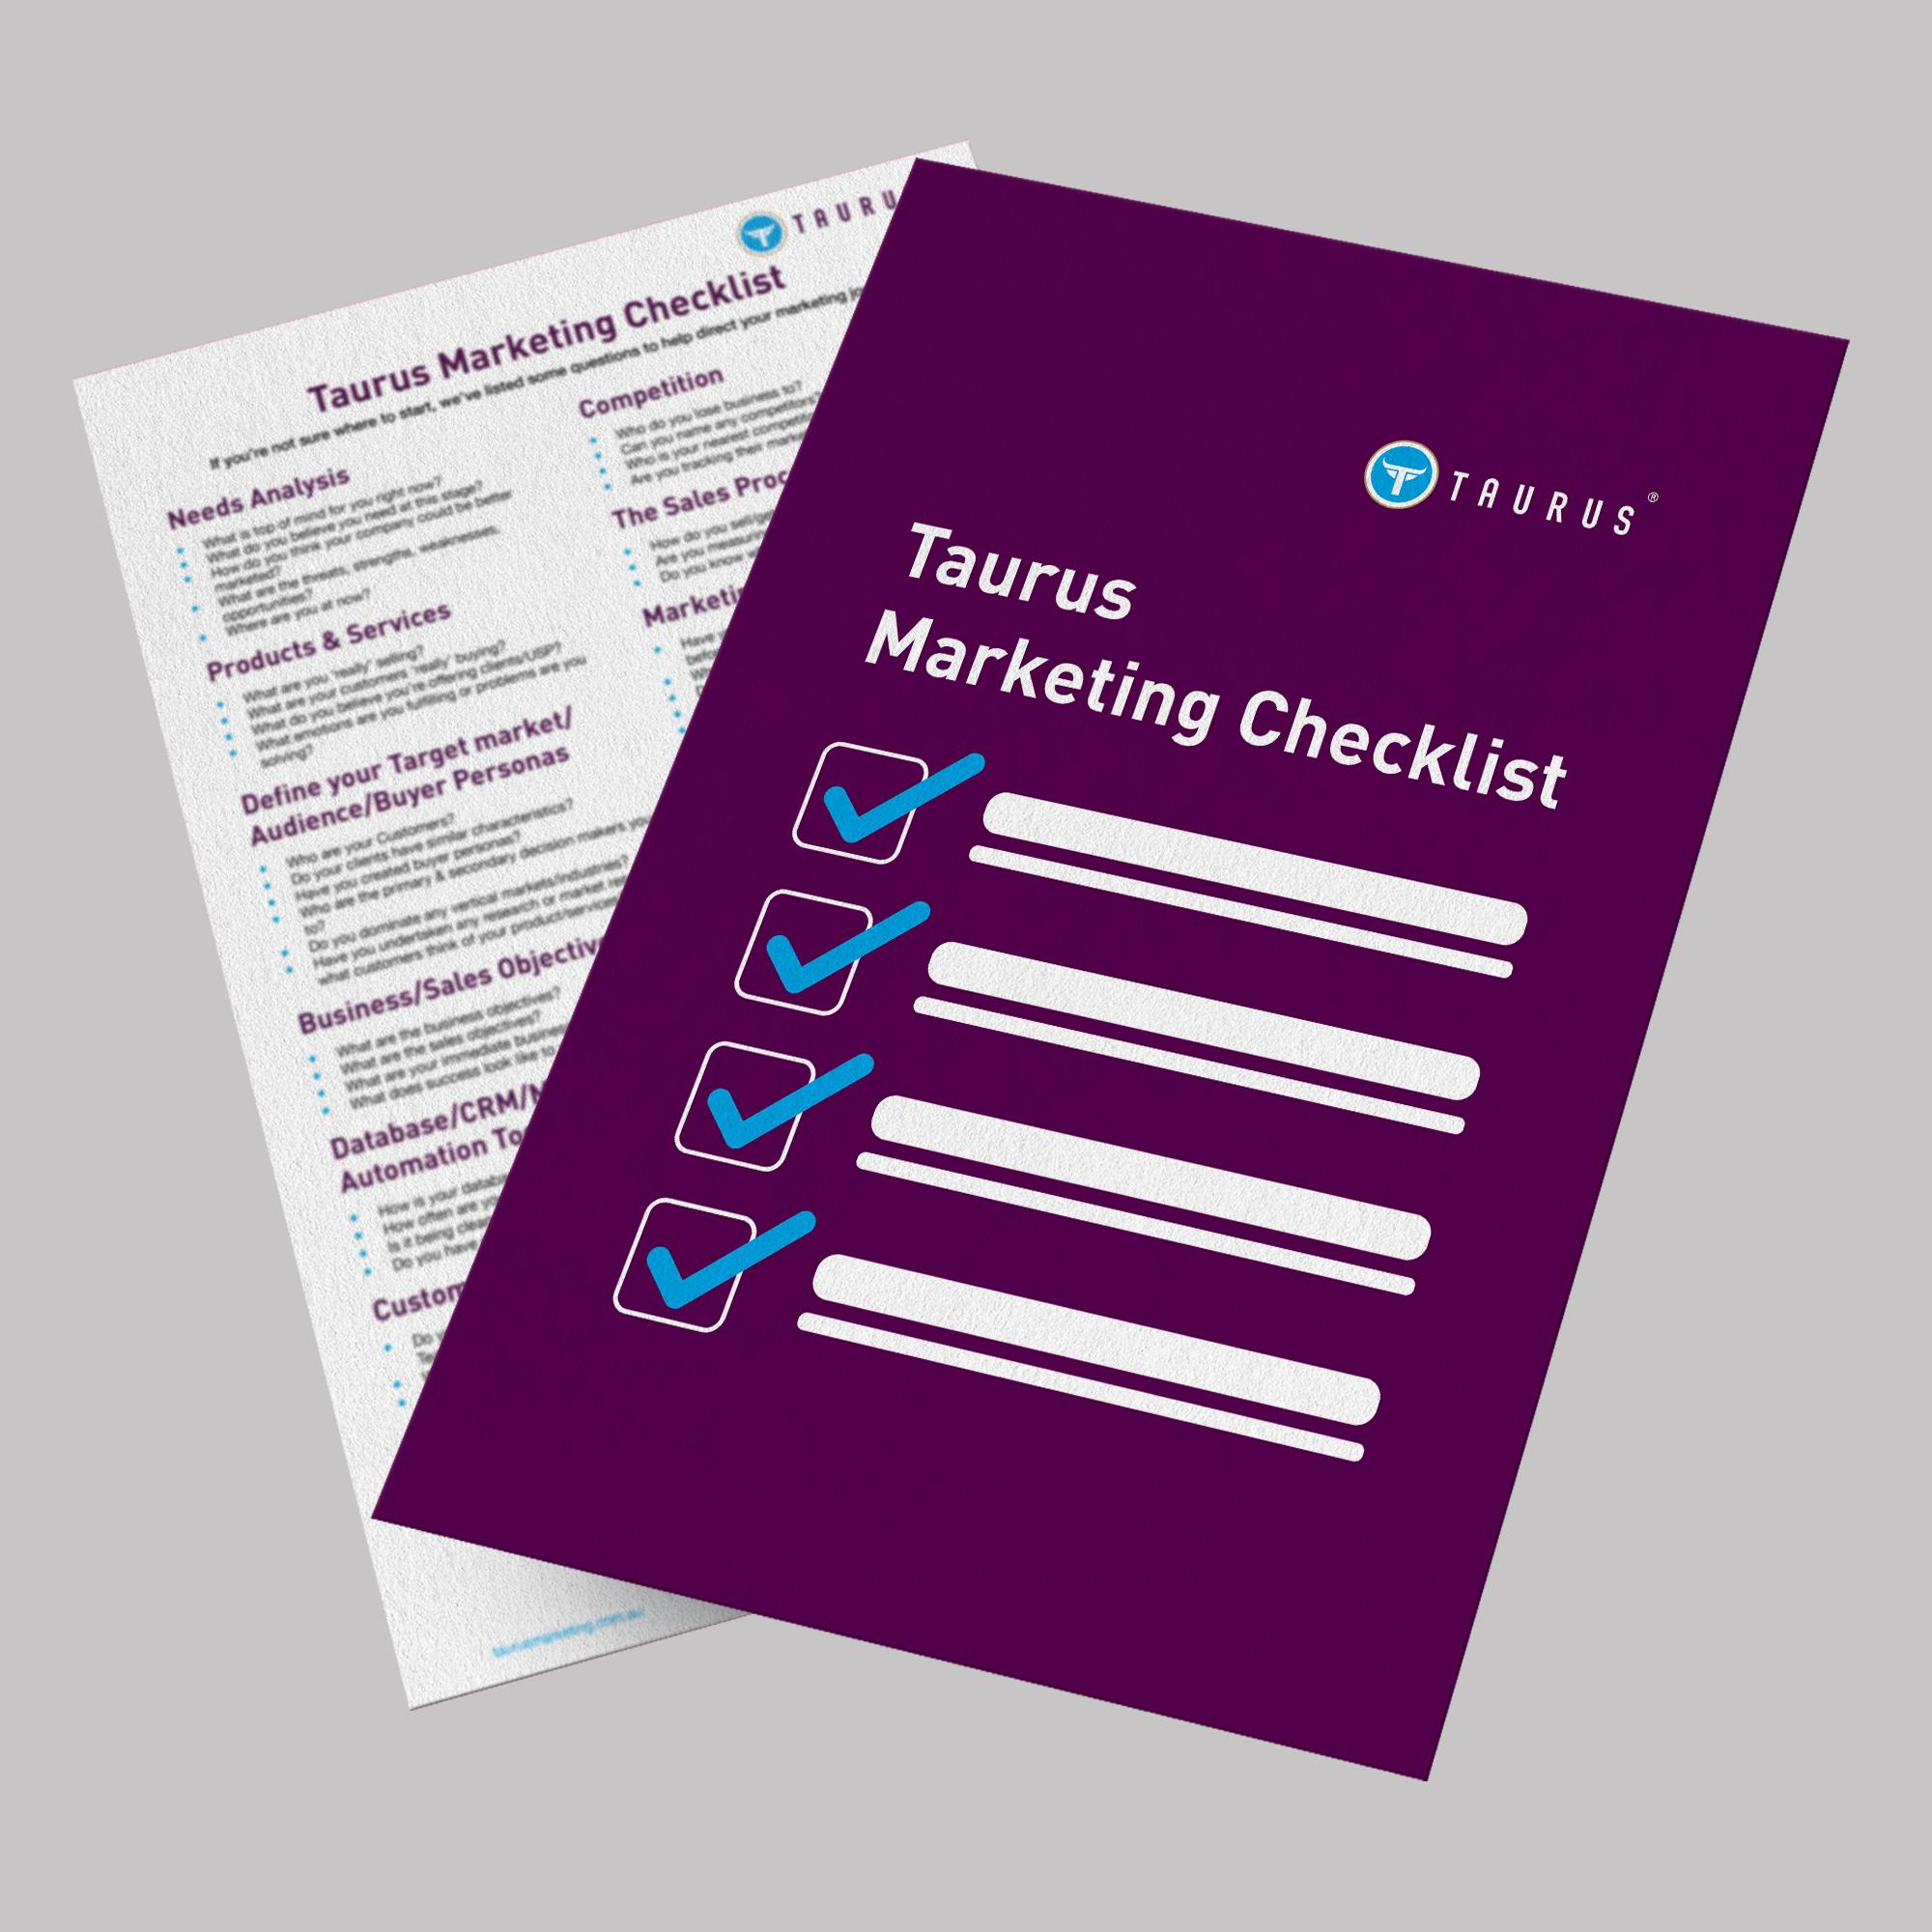 Taurus Marketing Checklist